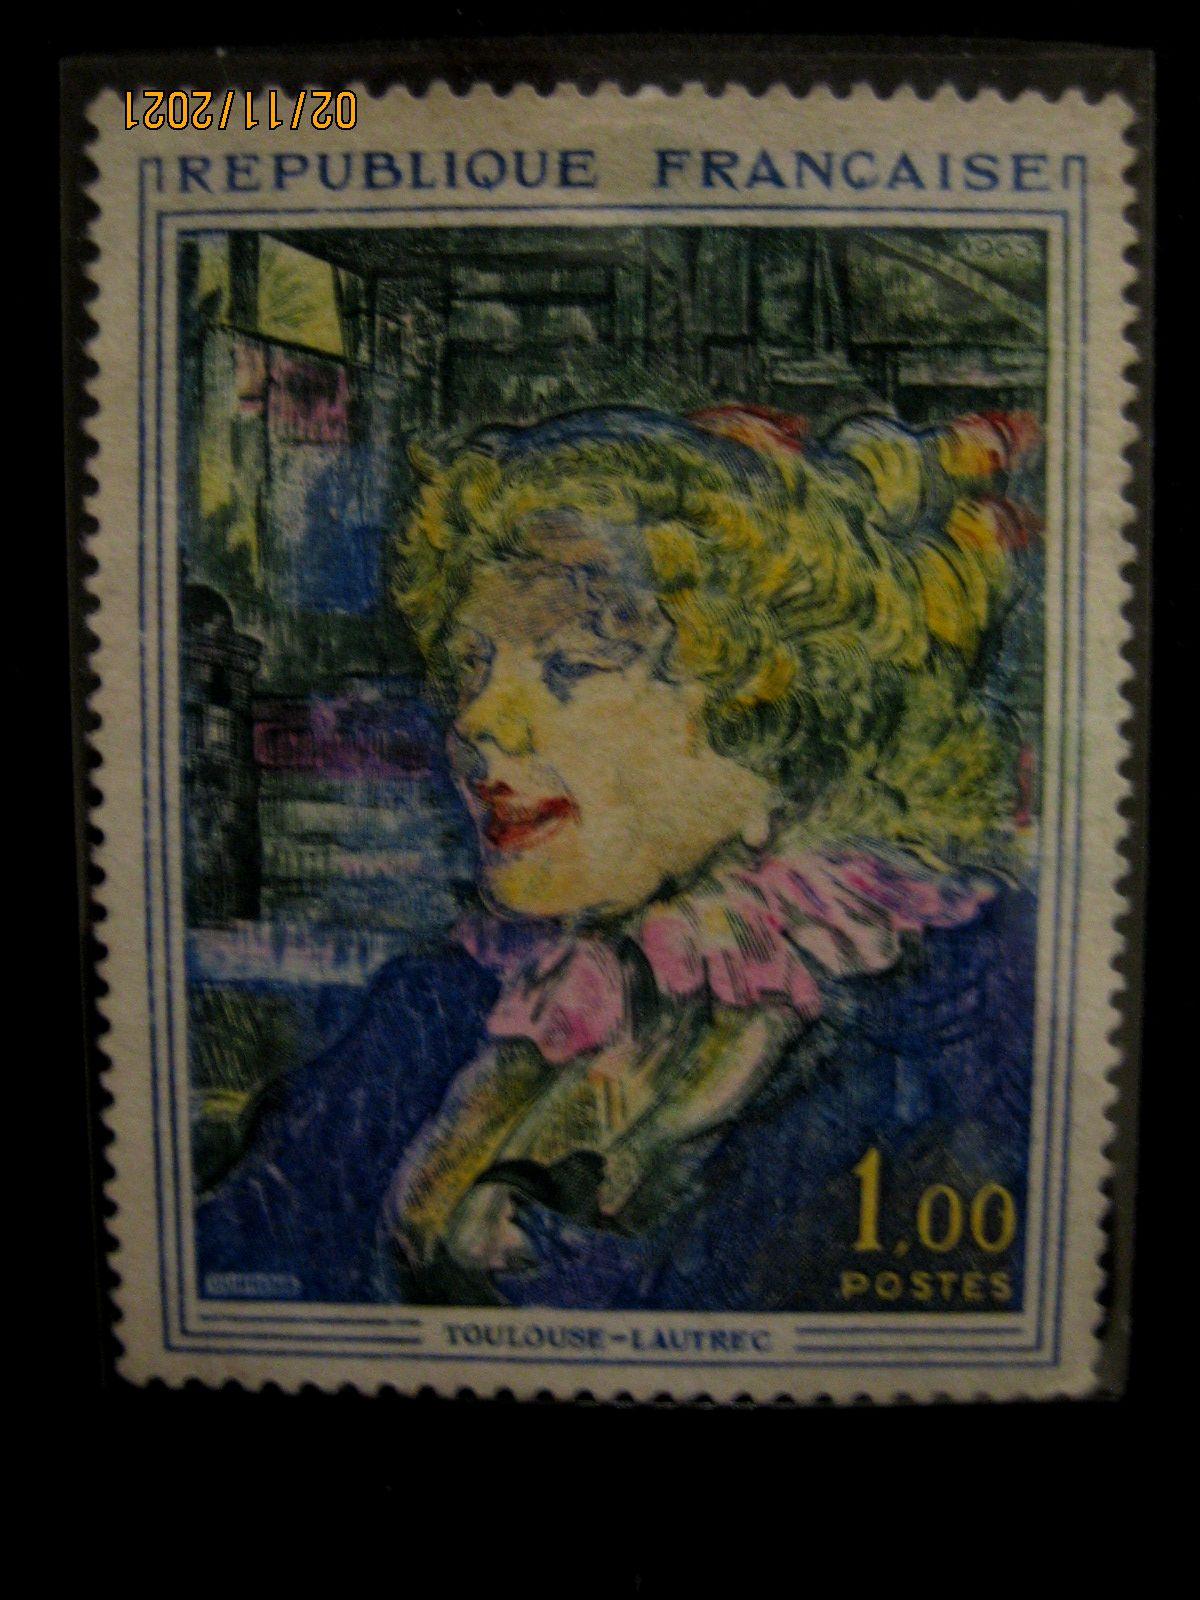 марка Франции 1965 год,  Тулуз-Лотрек, номинал — 1,00 1 ₣ «Англичанка со звезды в Гавре » Yt:FR 1426, Mi:FR 1504, Sn:FR 1113, Sg:FR 1671, AFA:FR 1527